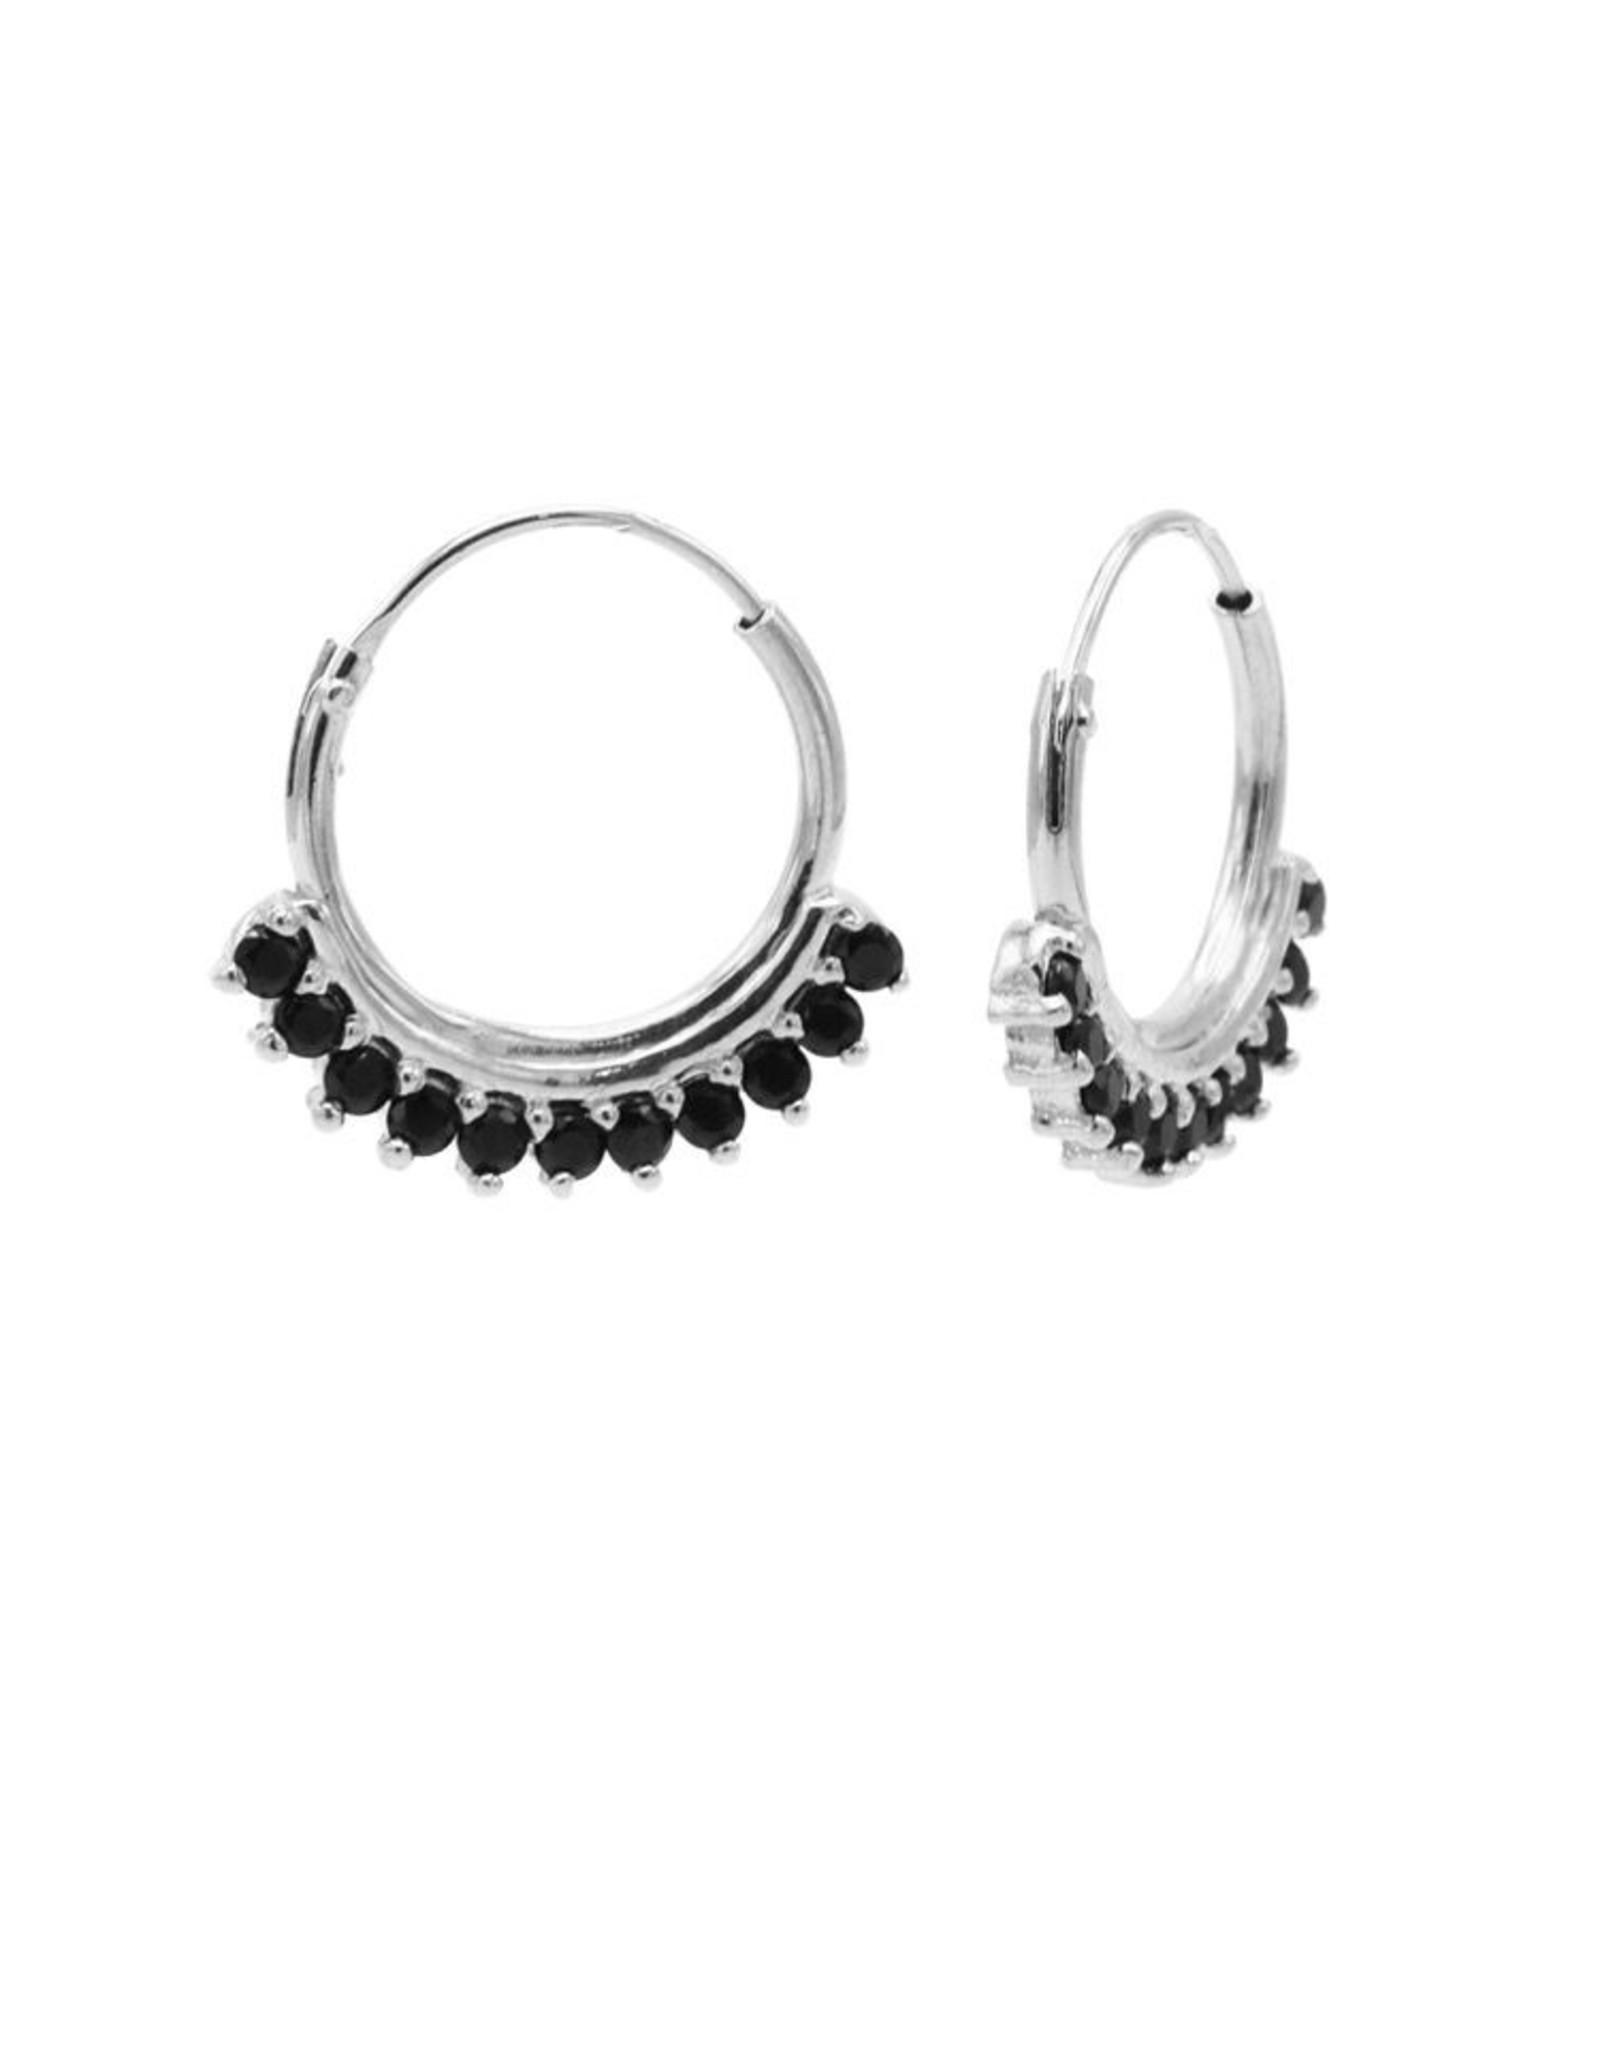 Karma Hoops Symbols Solid Black Zirconia Row Silver Set